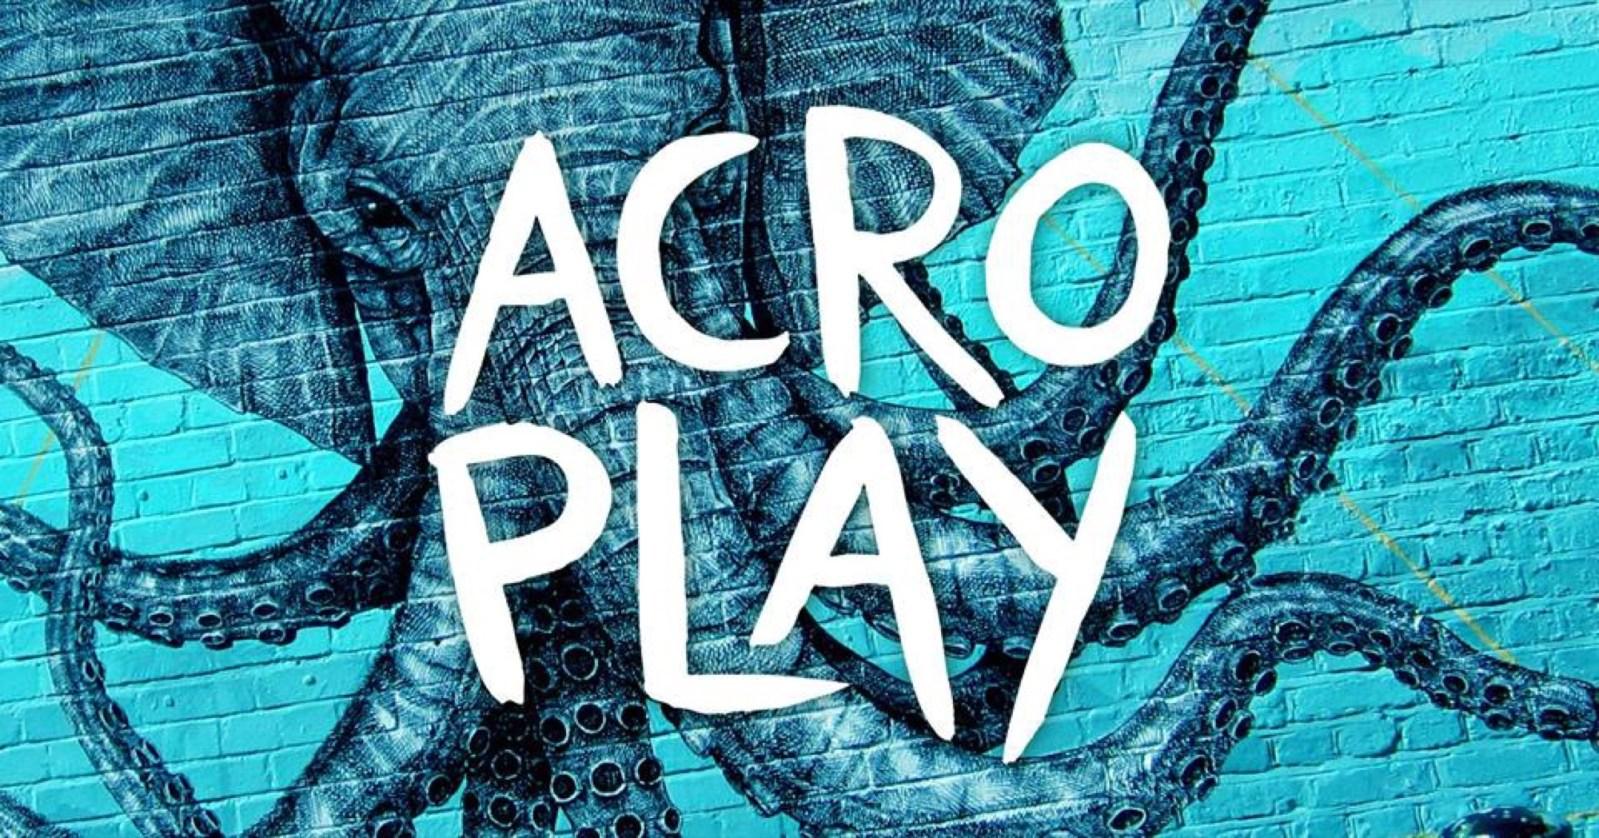 Acro play